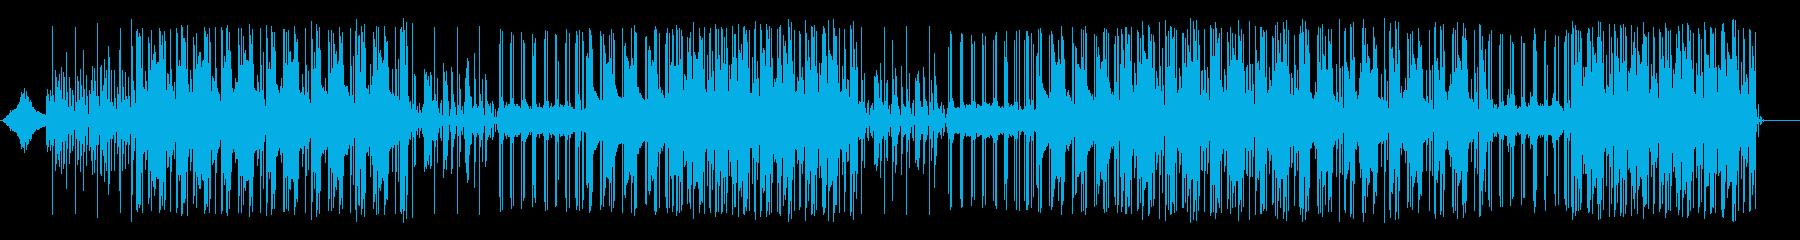 砂漠の風景をイメージ/Inst/Beatの再生済みの波形